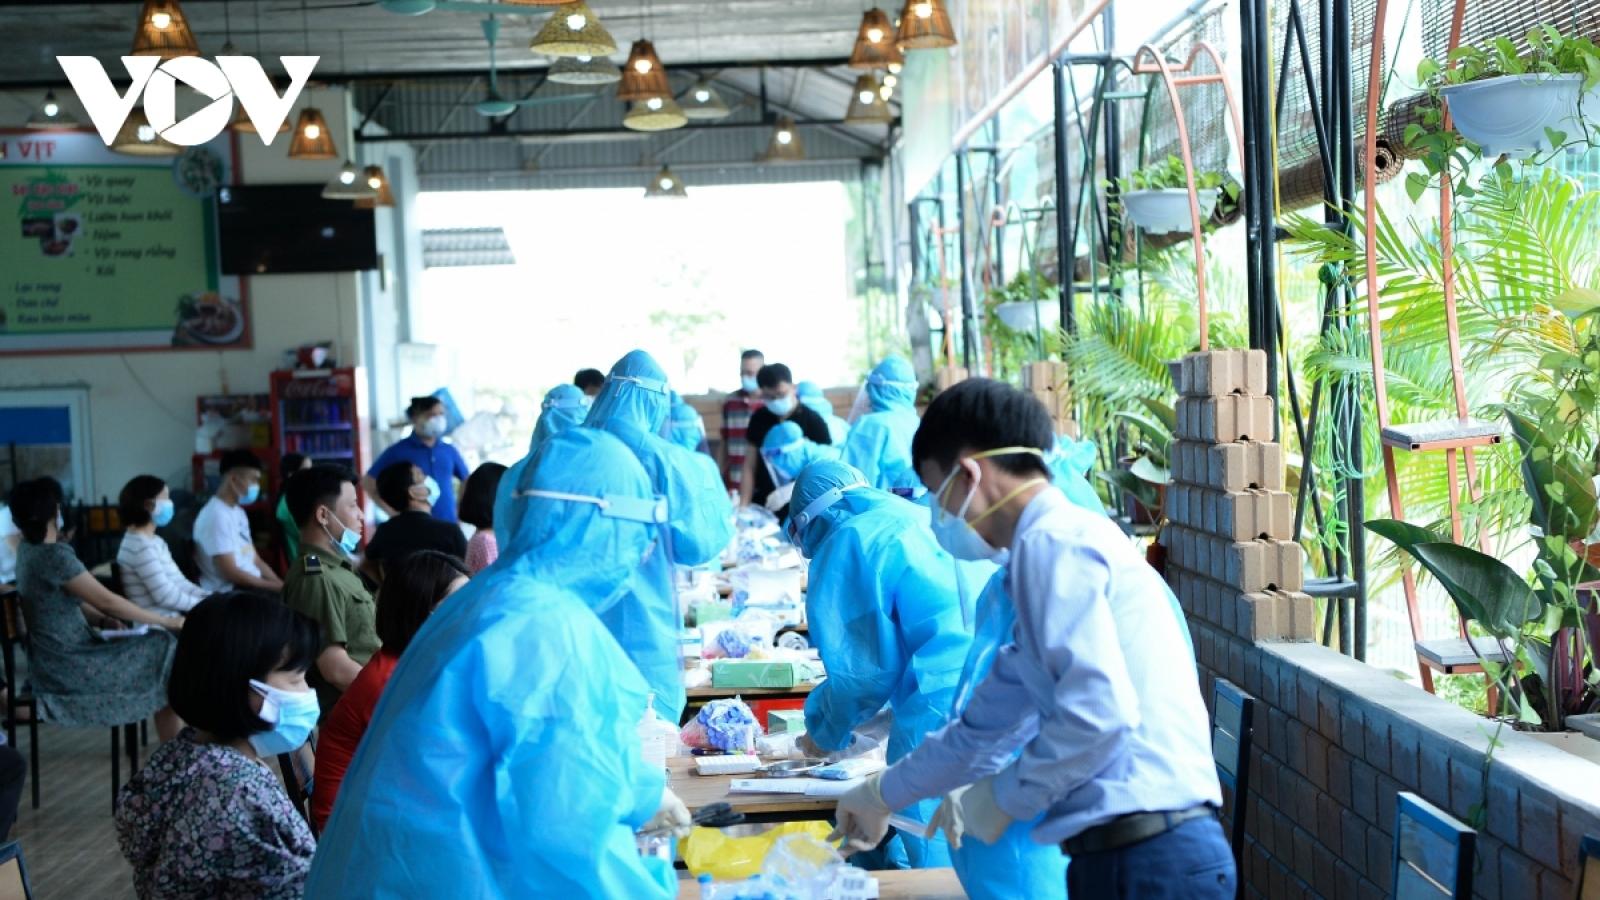 Chiều 17/6, có thêm 133 ca mắc COVID-19 trong nước, chủ yếu ở Bắc Giang và TP.HCM